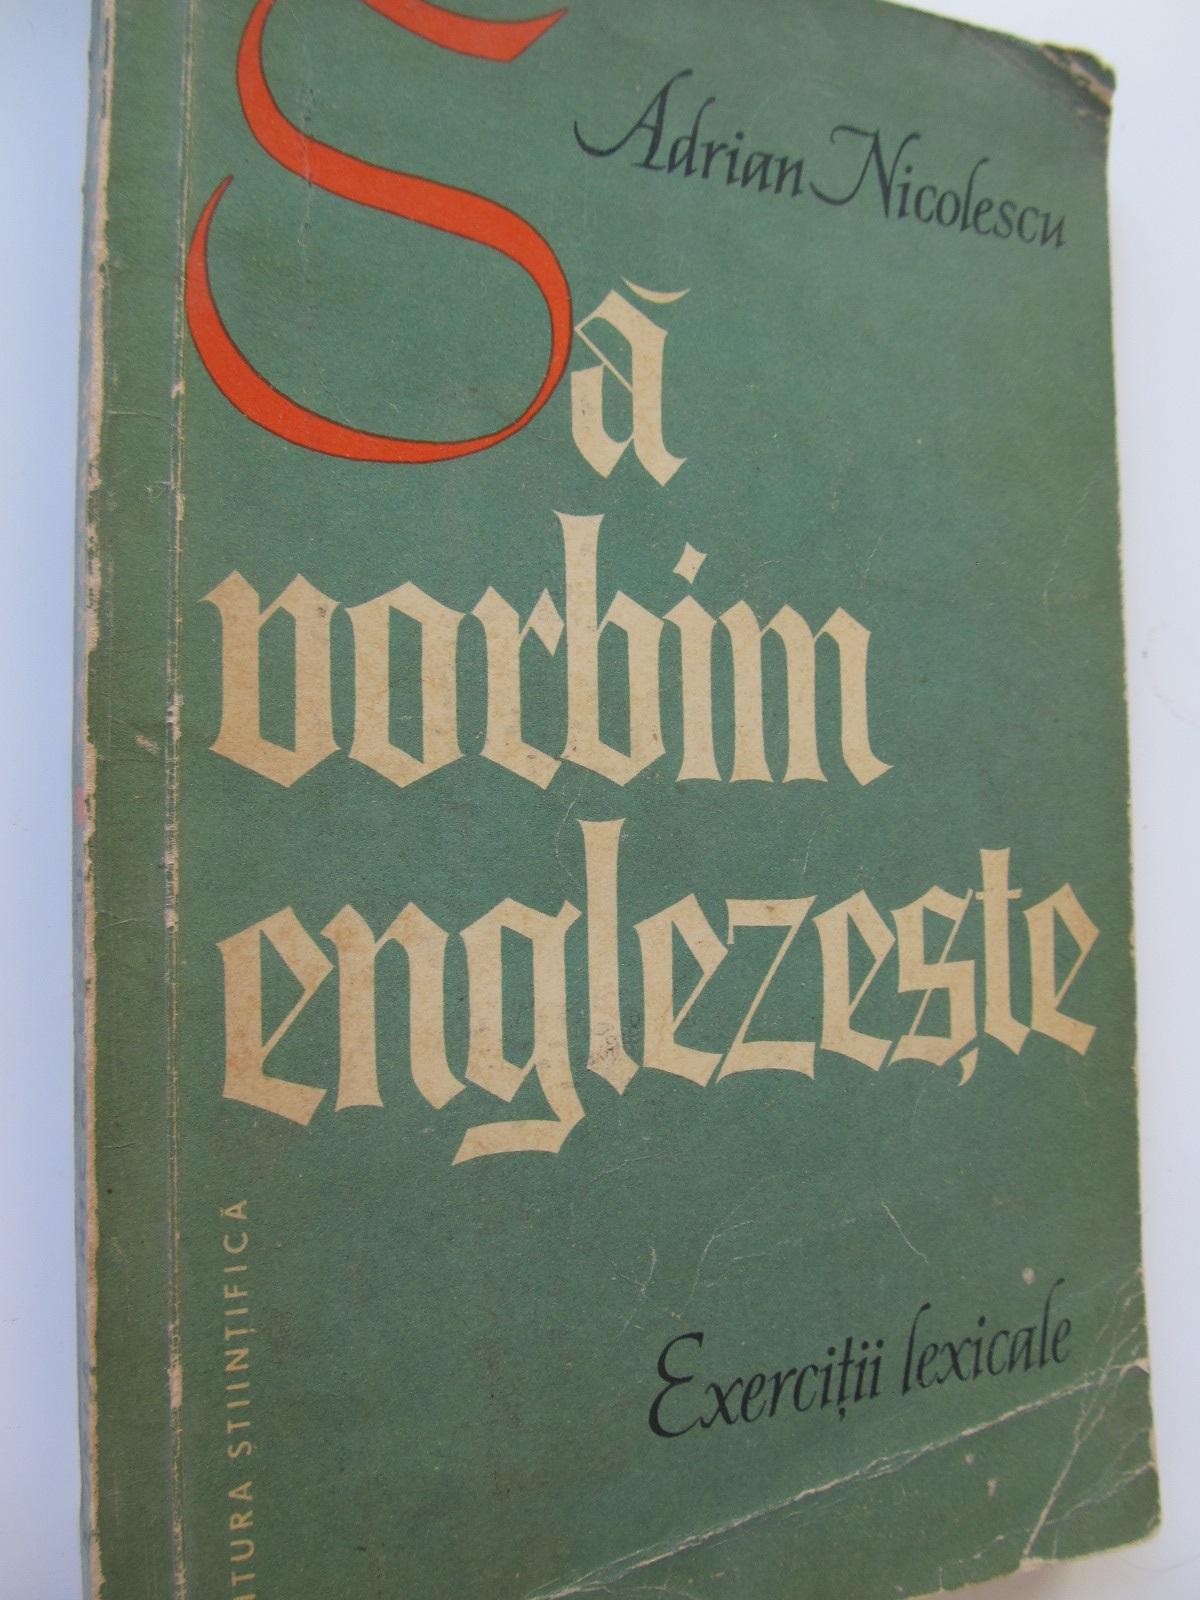 Sa vorbim englezeste - Adrian Nicolescu | Detalii carte